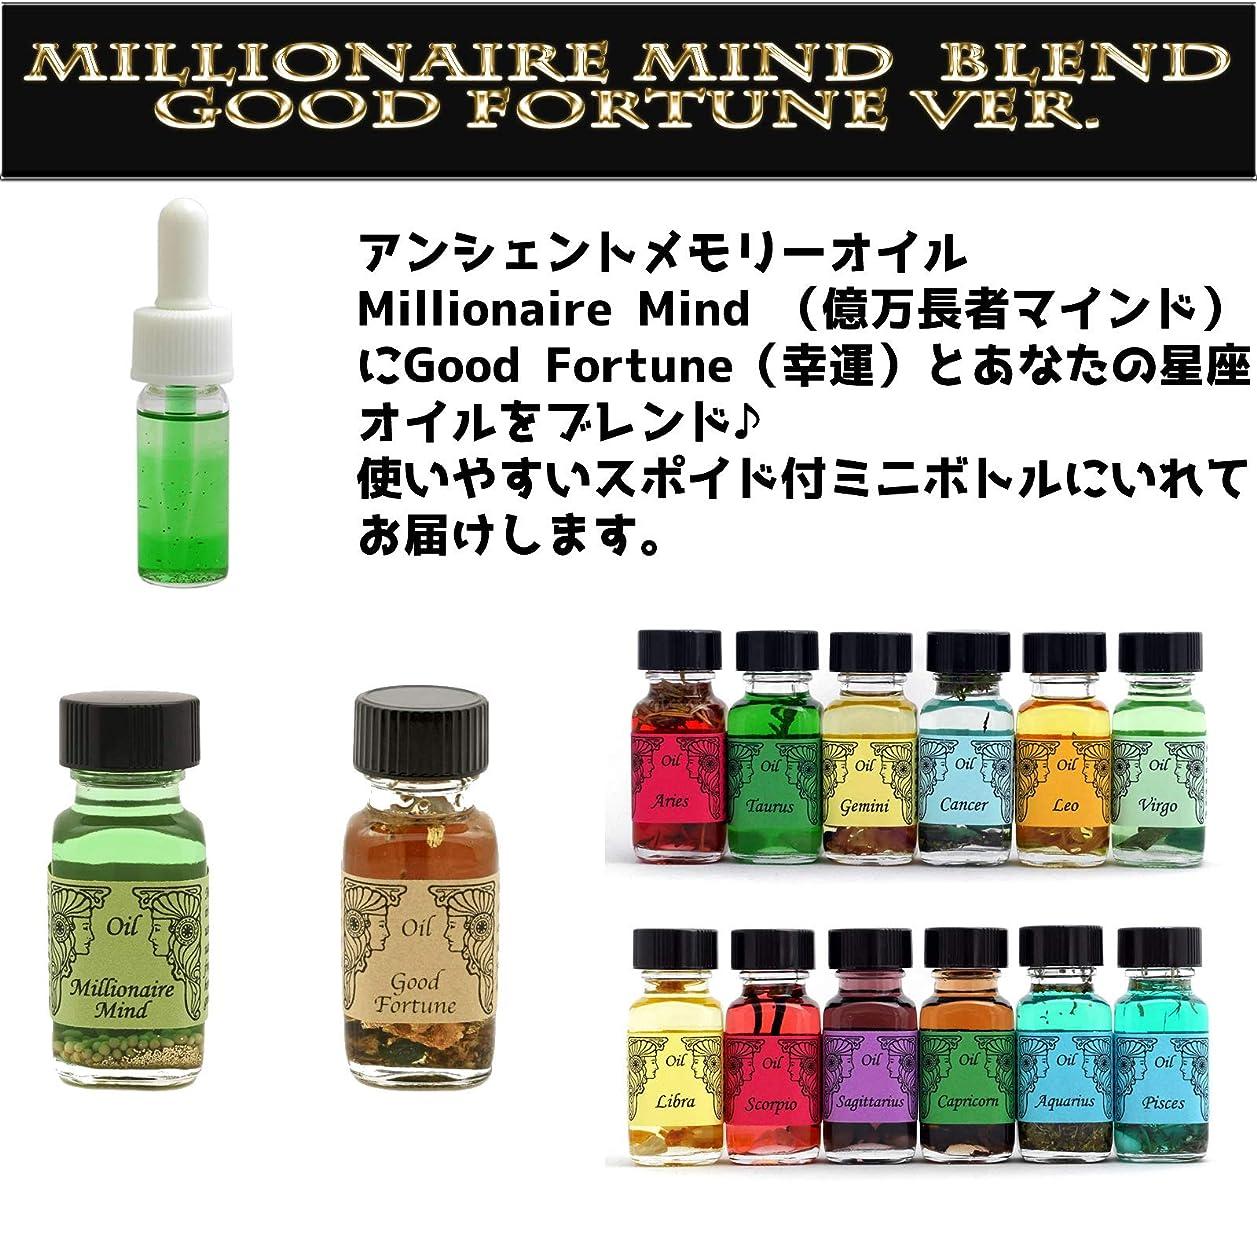 買い物に行く有罪勇敢なアンシェントメモリーオイル Millionaire Mind 億万長者マインド ブレンド【Good Fortune グッドフォーチュン 幸運&てんびん座】